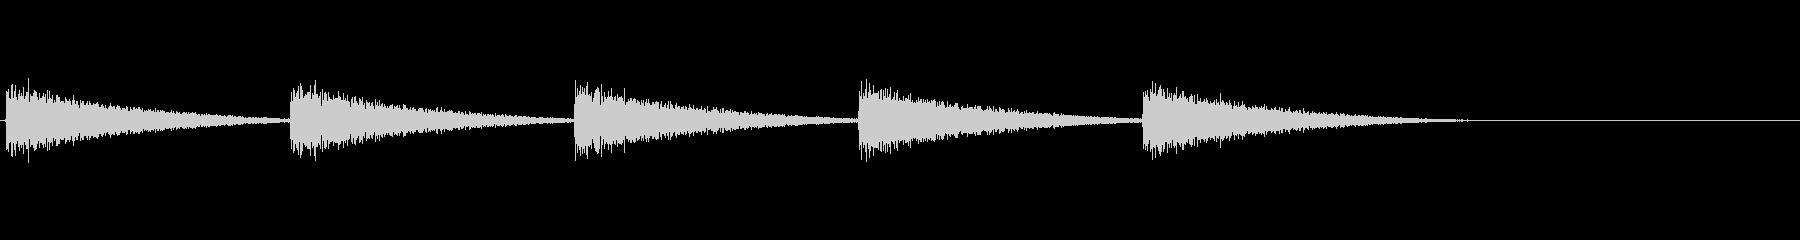 ゴーンゴーン/古時計の鐘/ホラー/ 04の未再生の波形